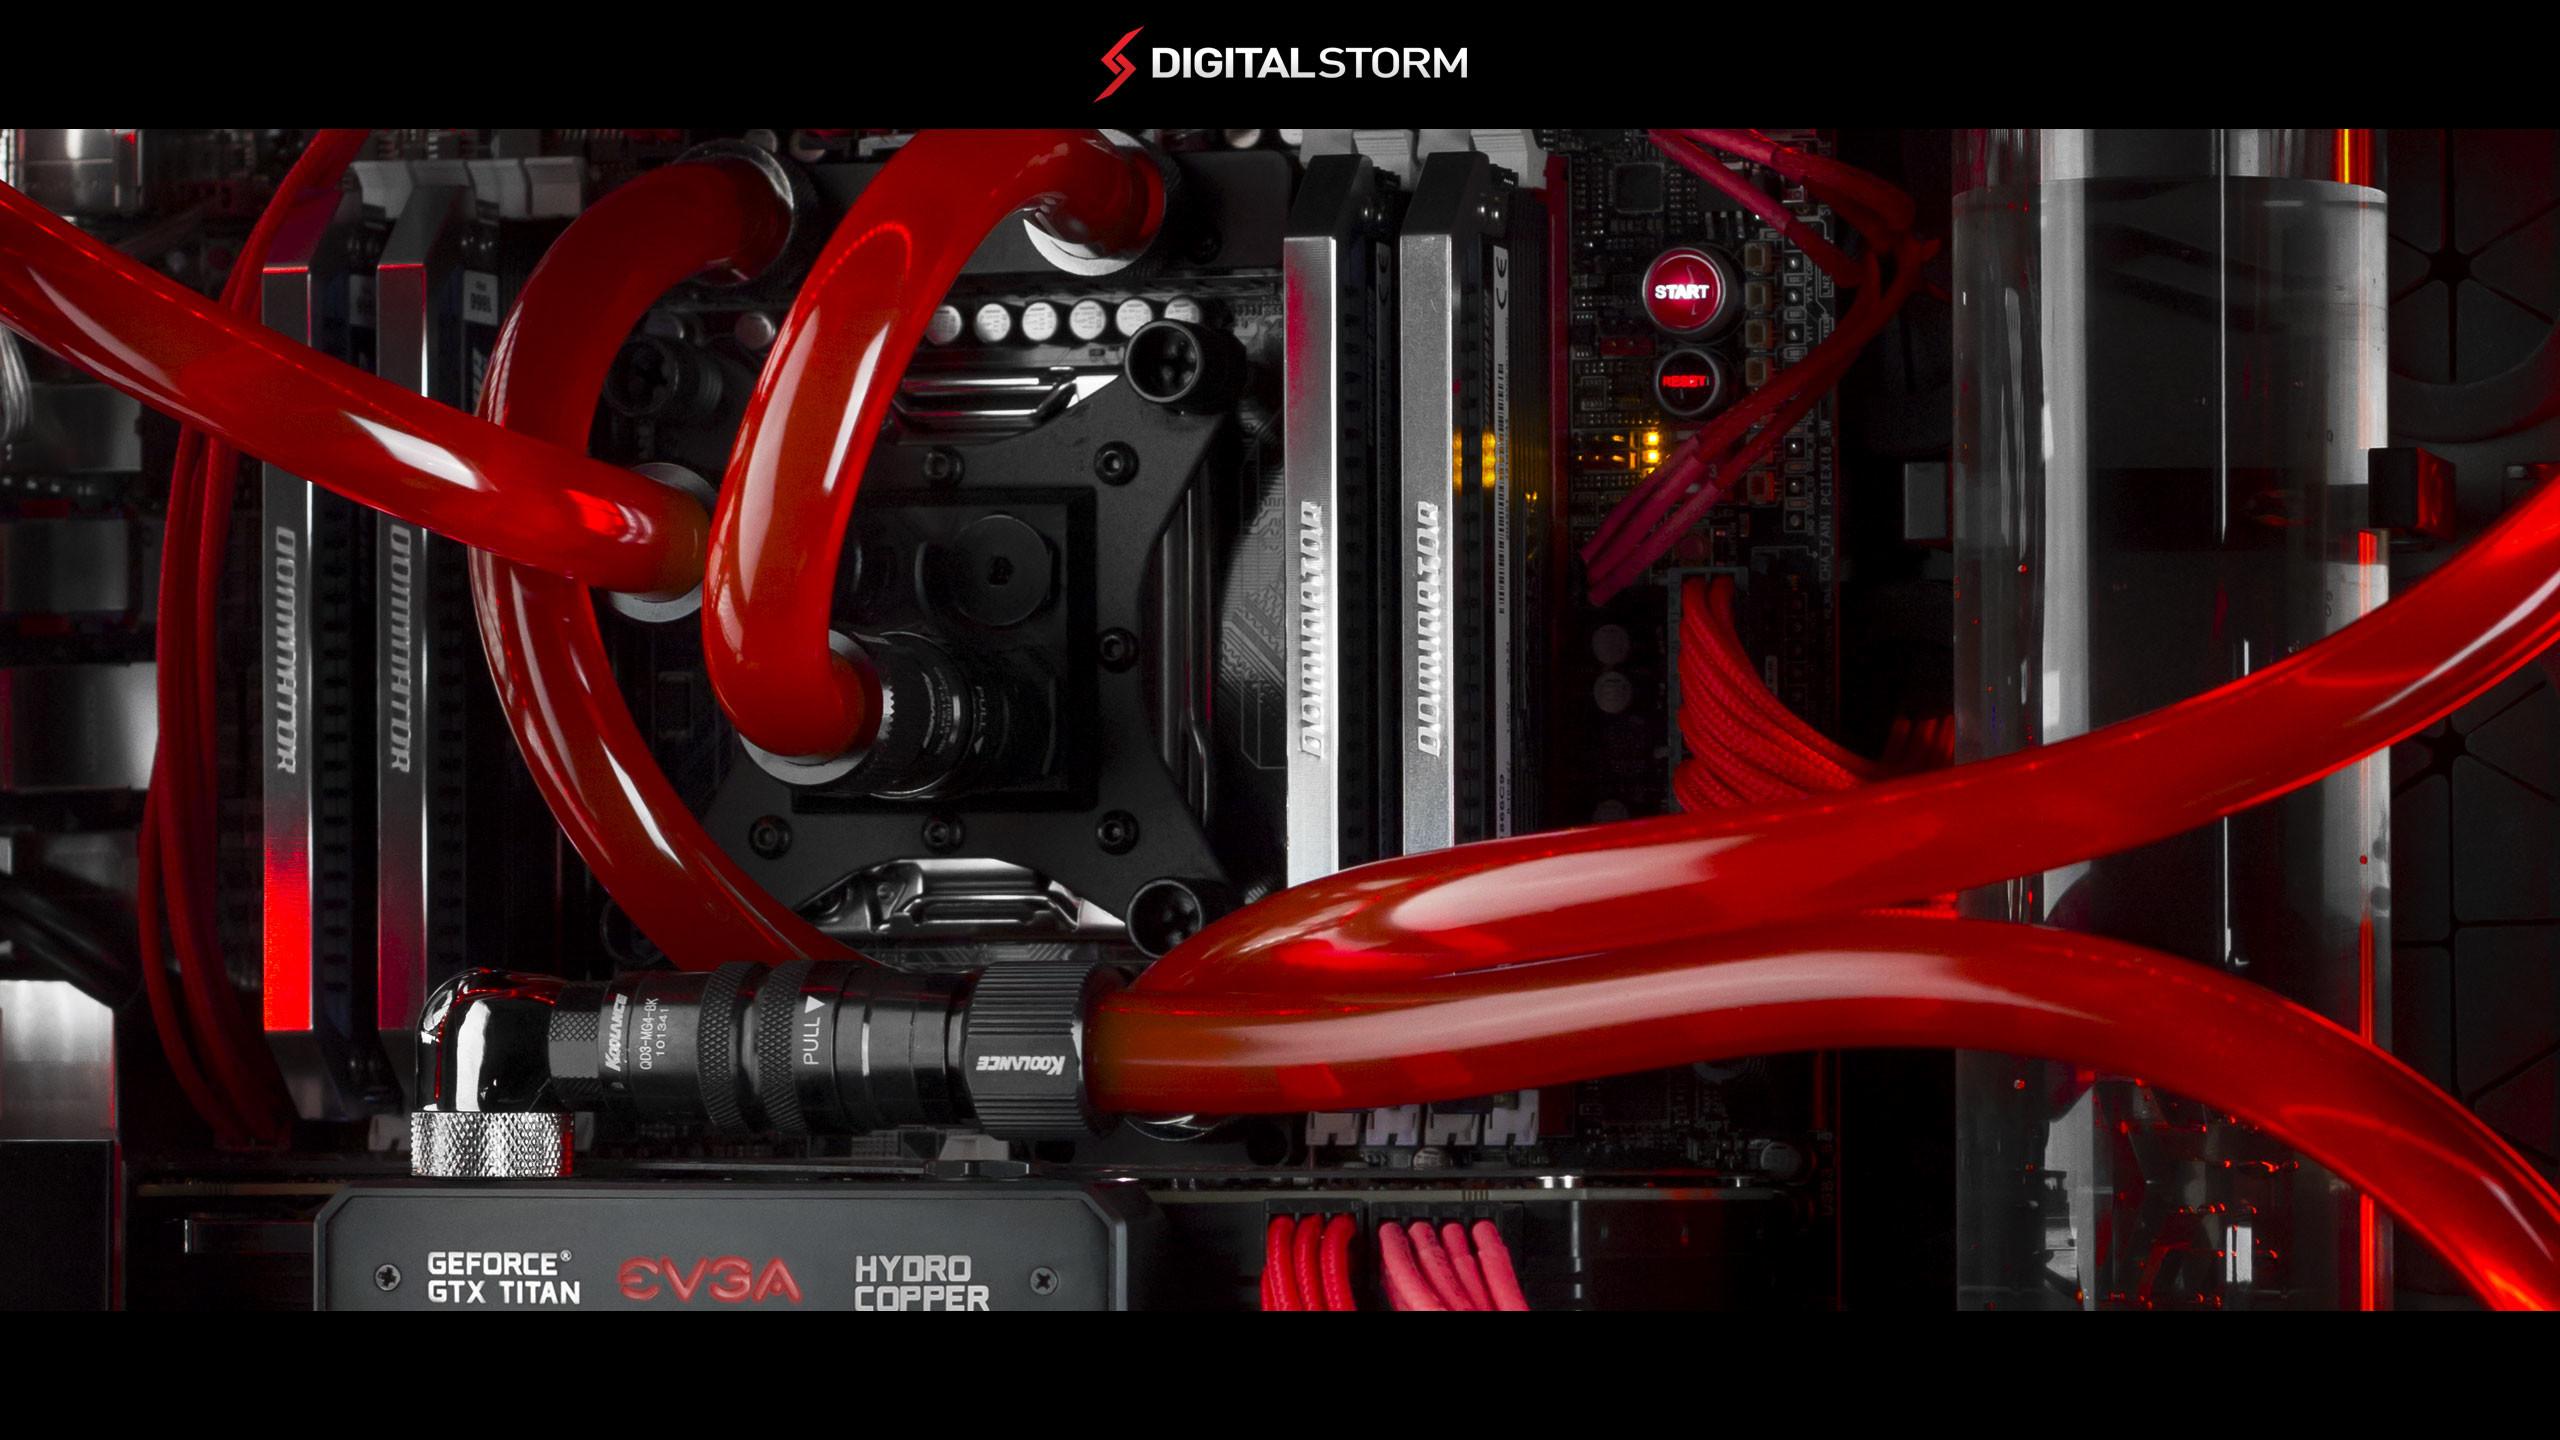 f. Digital Storm HydroLux Wallpaper